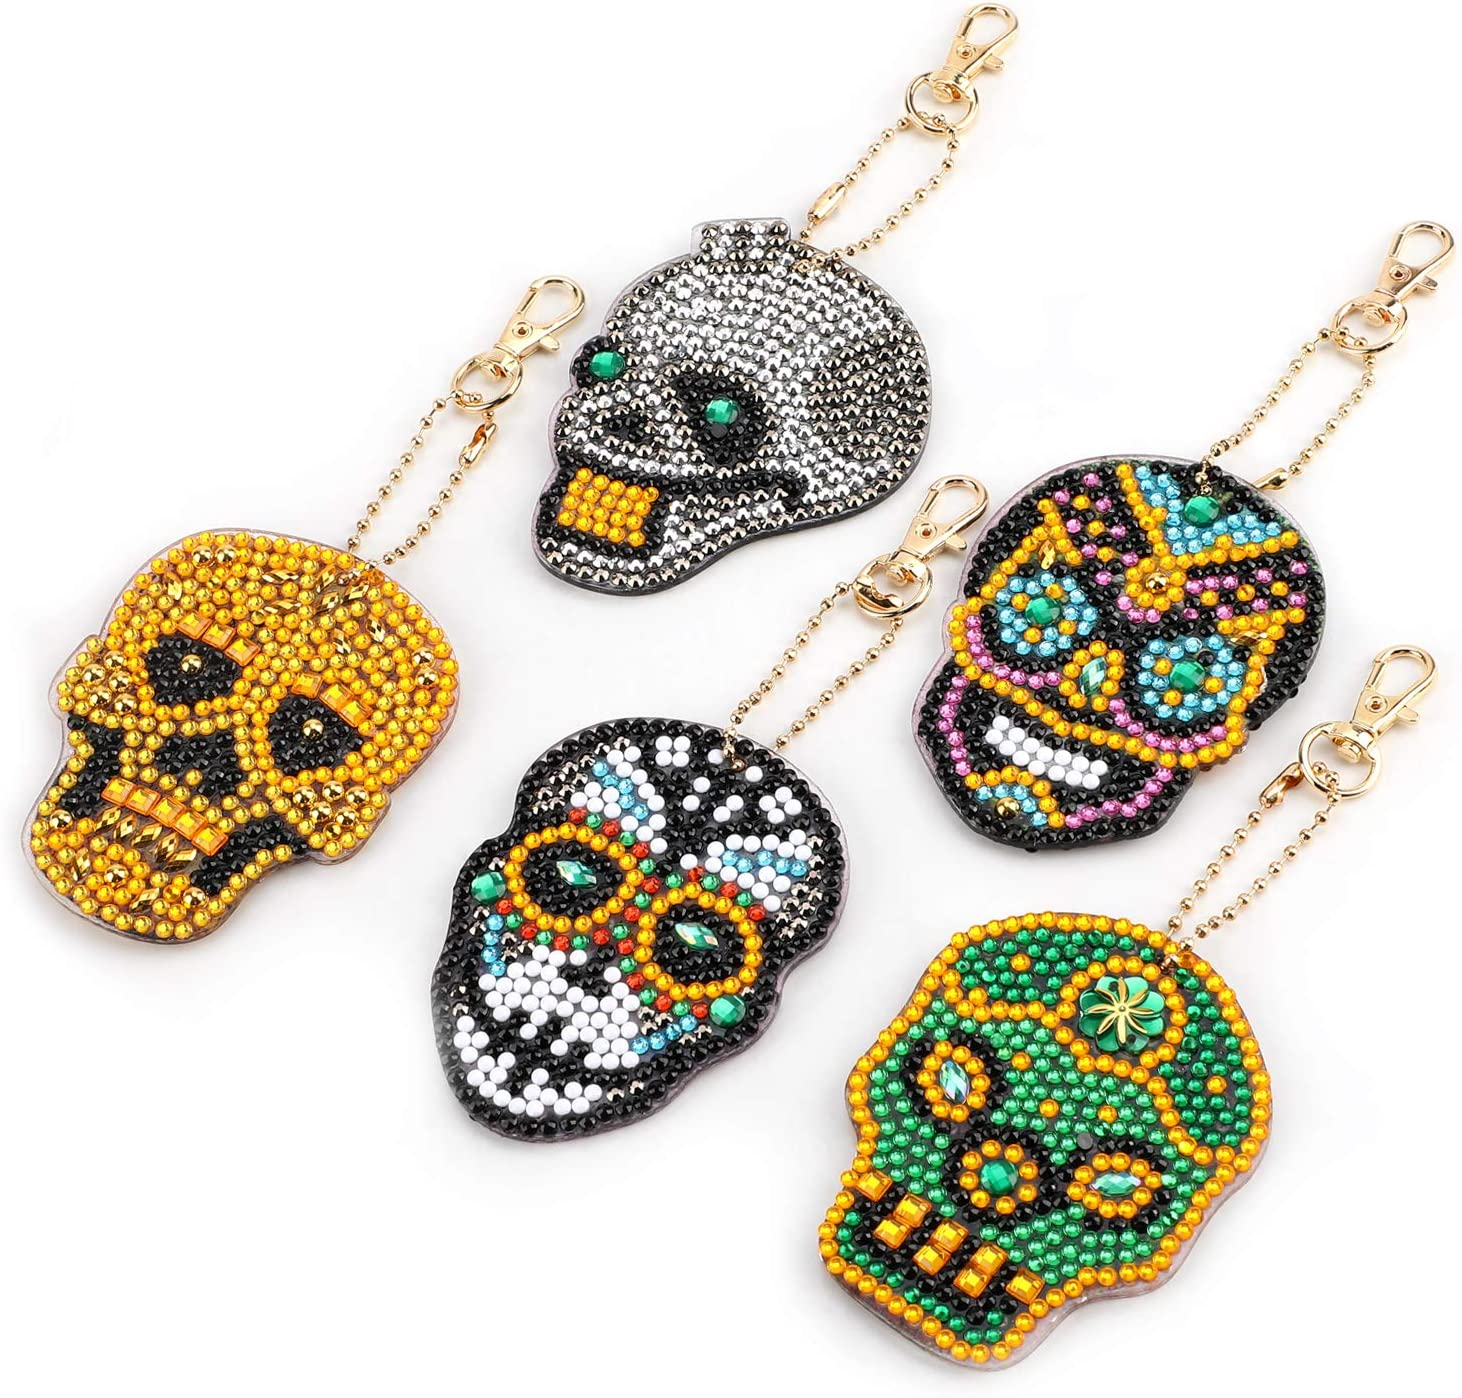 MWOOT 5 Piezas DIY Cráneo Llavero Pintura Diamantes,5D Diamond Painting Keychain Colgante Punto de Cruz Diamante Adorno Con Cristales de Imitación de Diamante